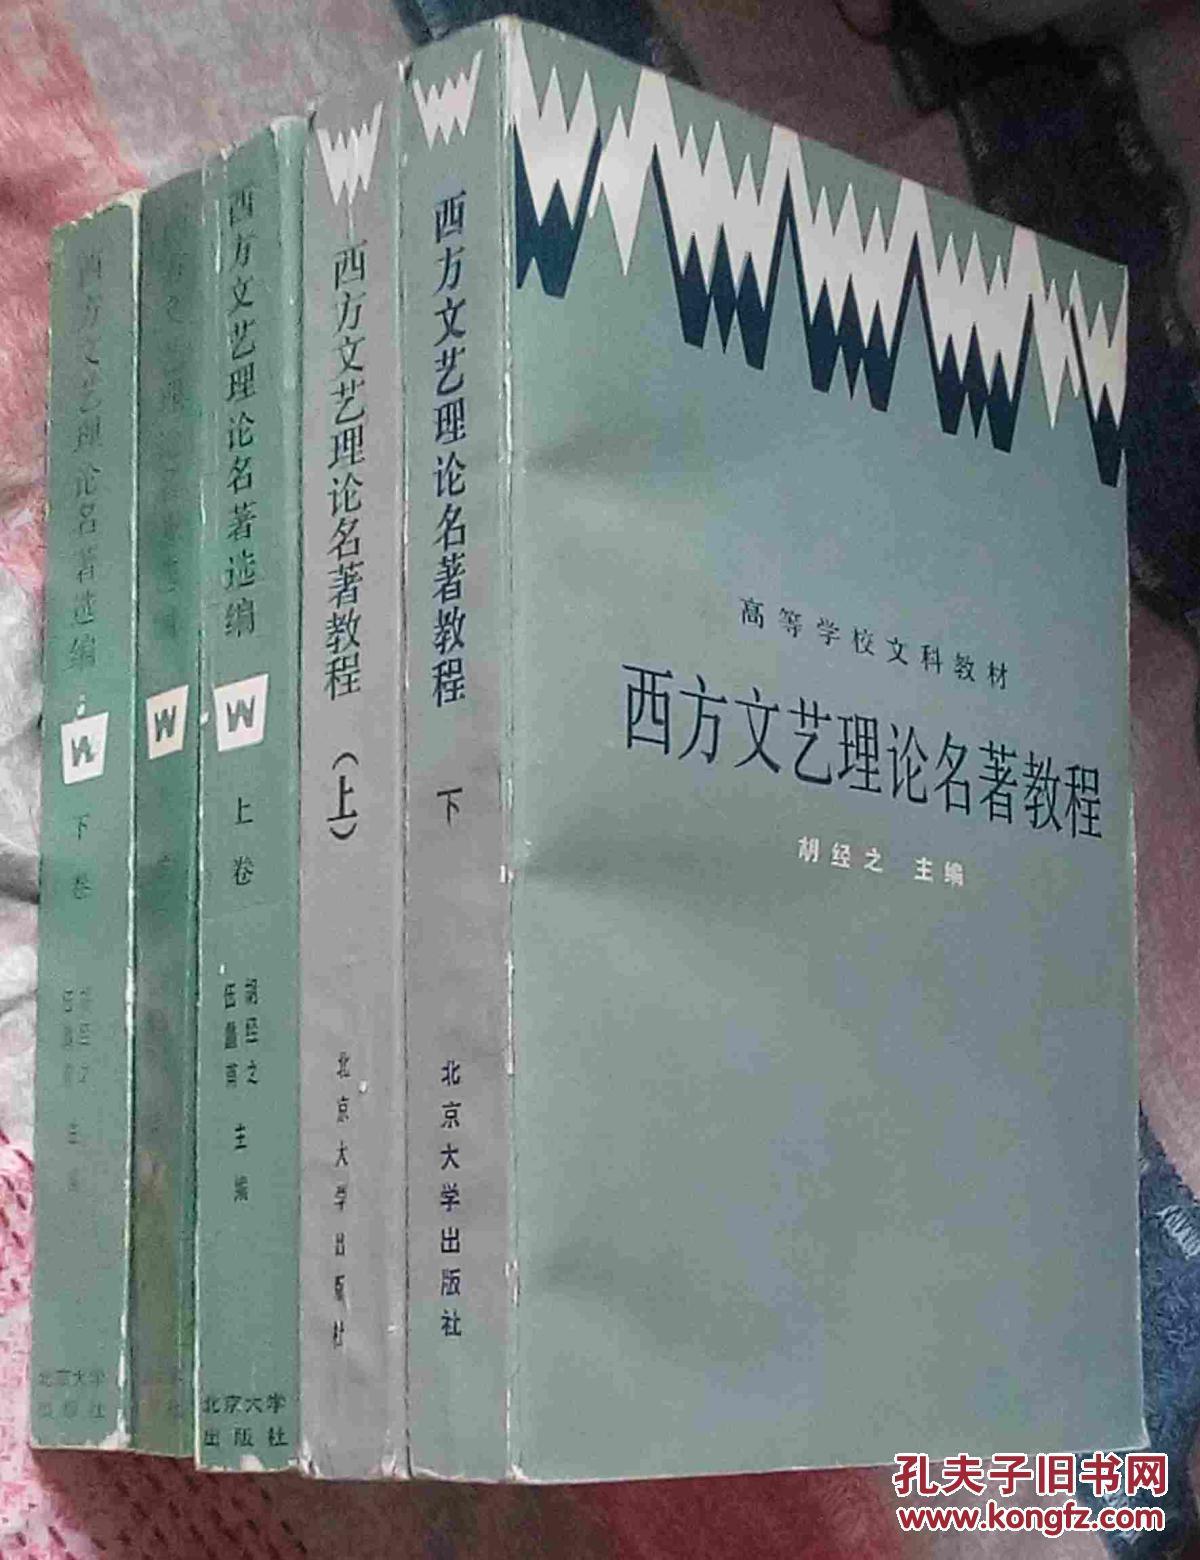 西方文艺理论名著教程(上下)、西方文艺理论名著选编等两种5本合售